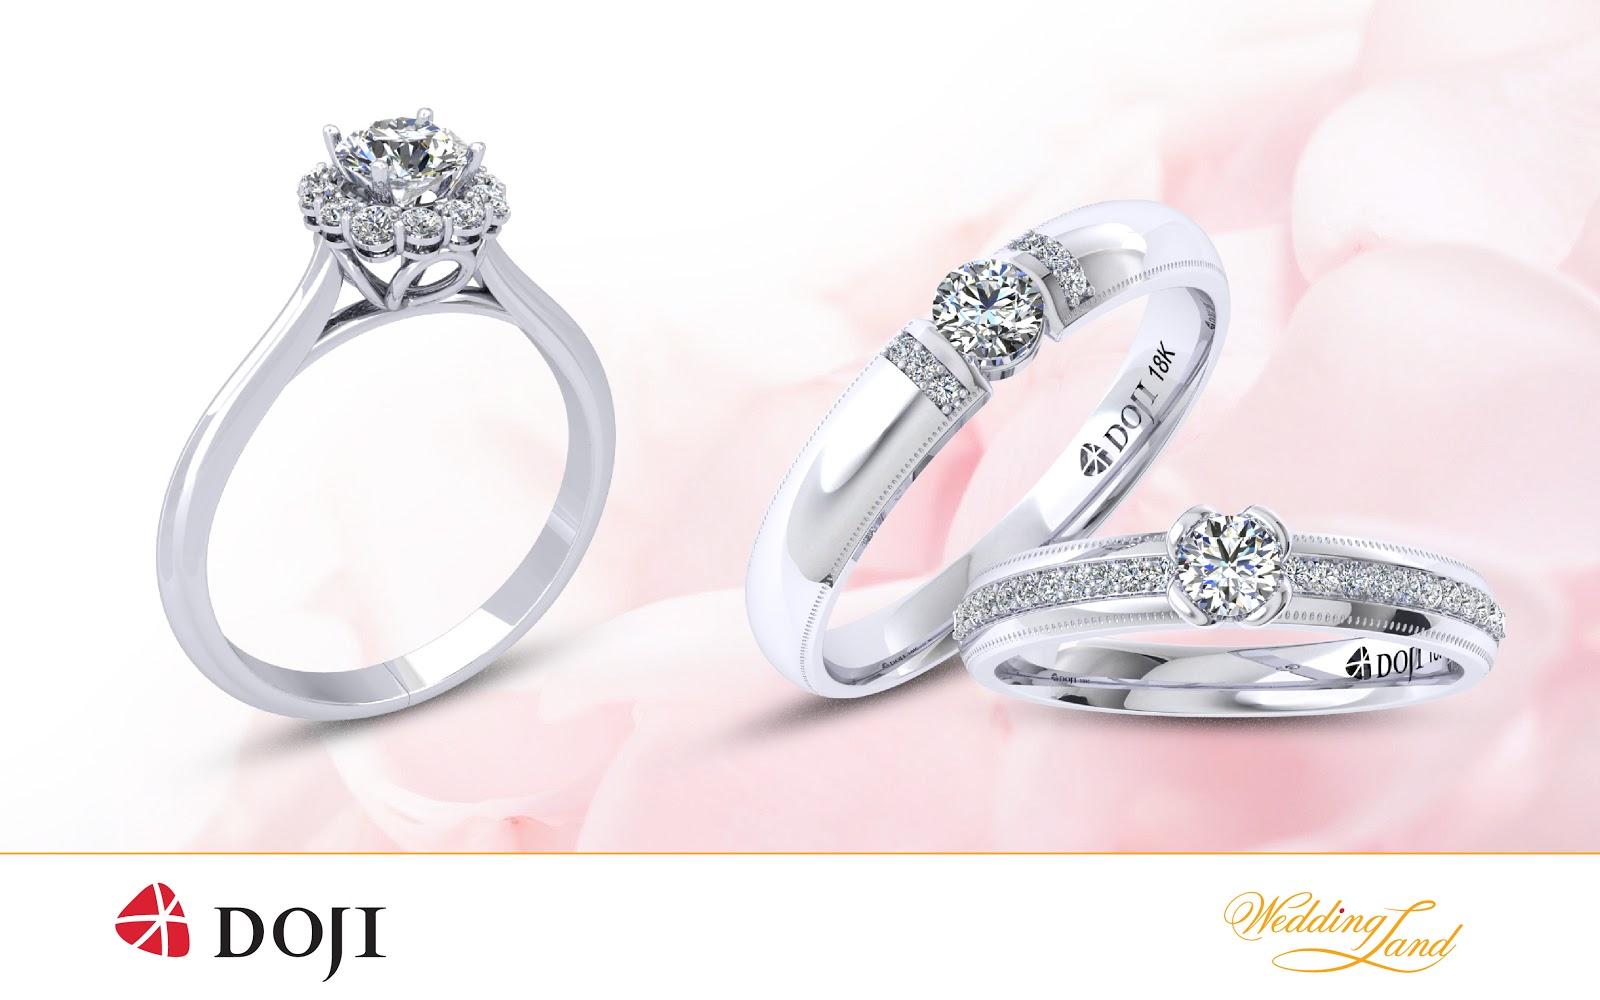 Nhẫn cưới DOJI, giảm giá sâu, trúng thưởng lớn - Ảnh 6.